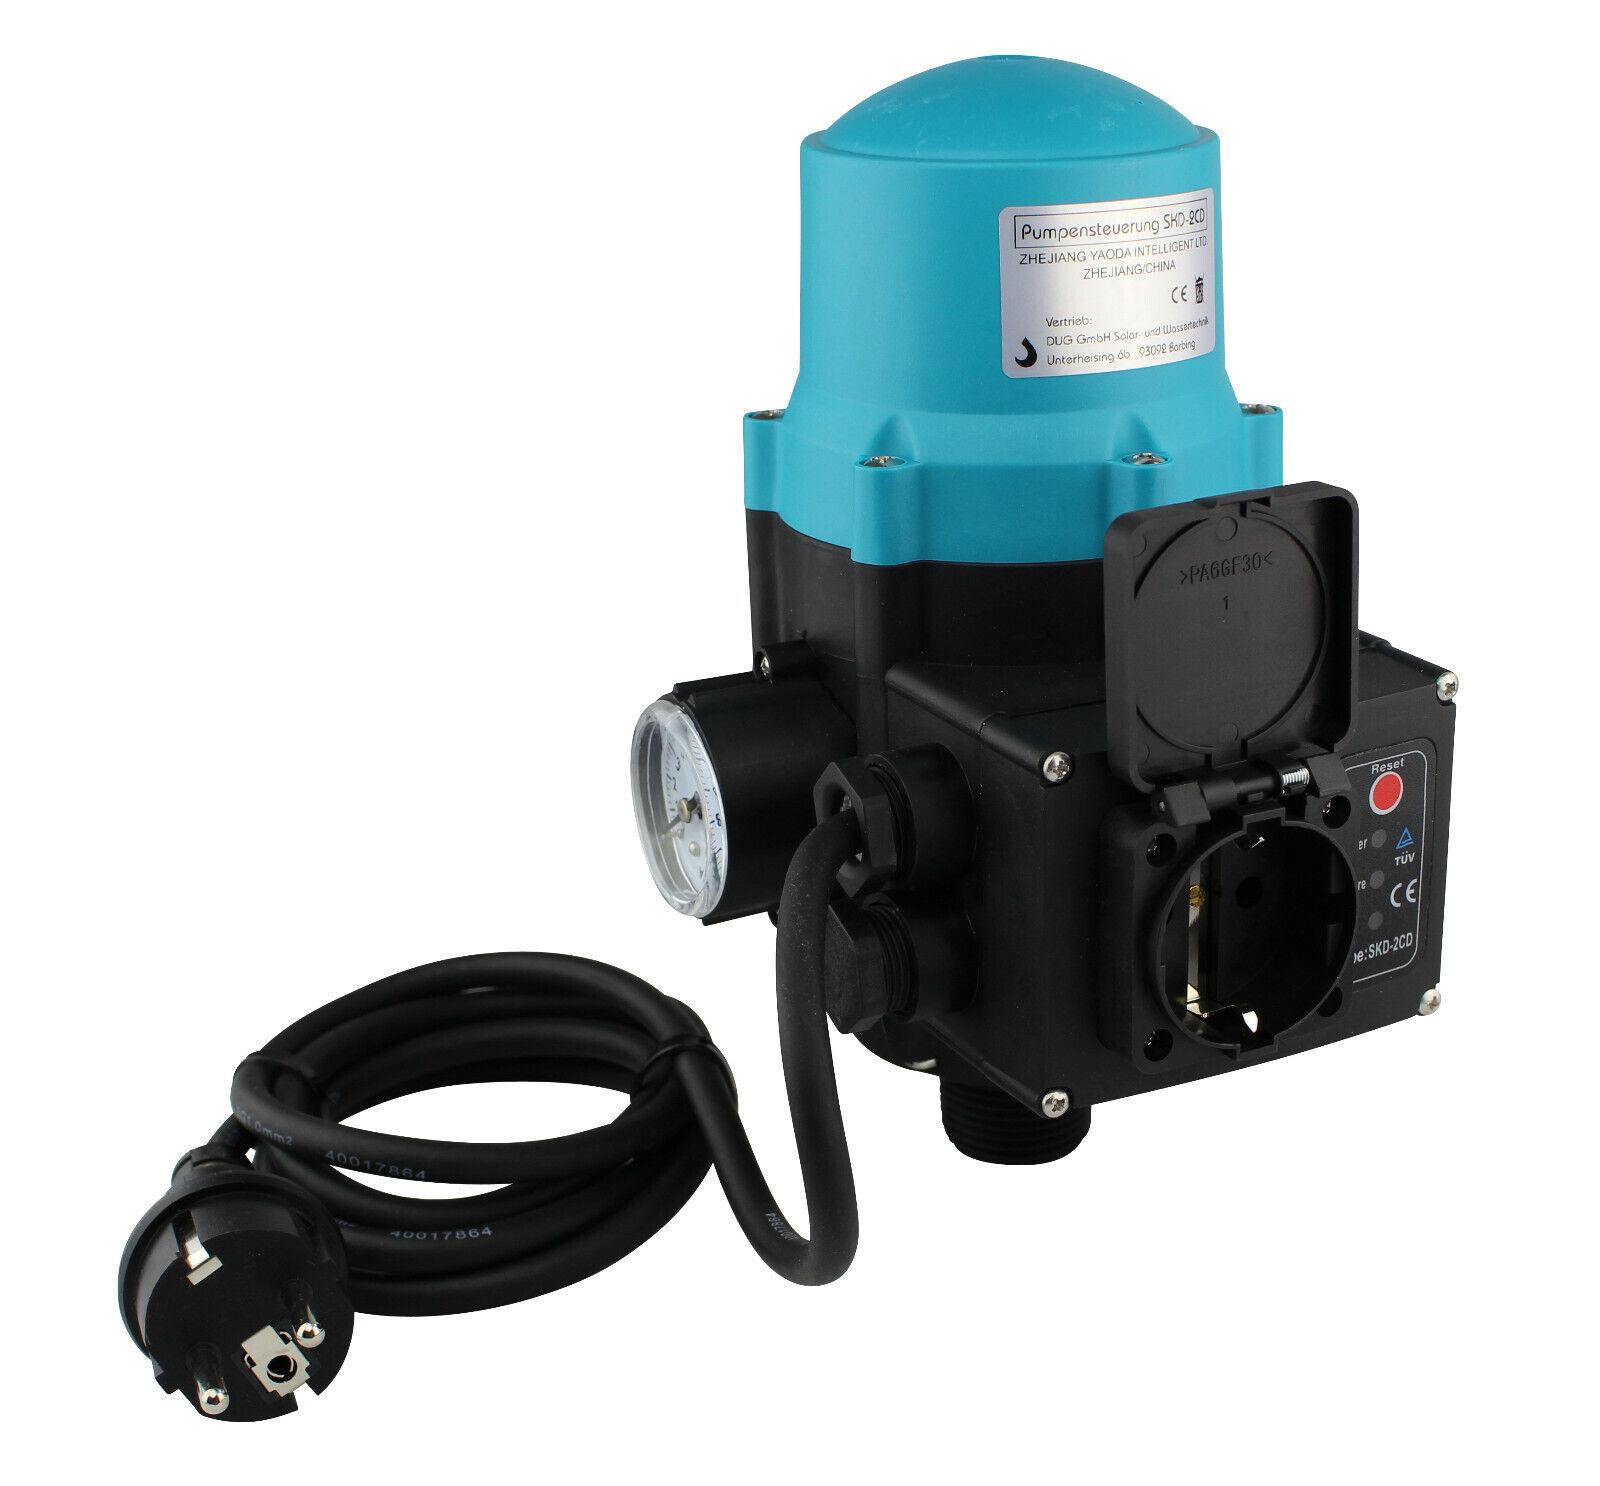 SKD-2CD Electrónico Control de la Bomba con Cable hasta 1,1KW, 230V 10A